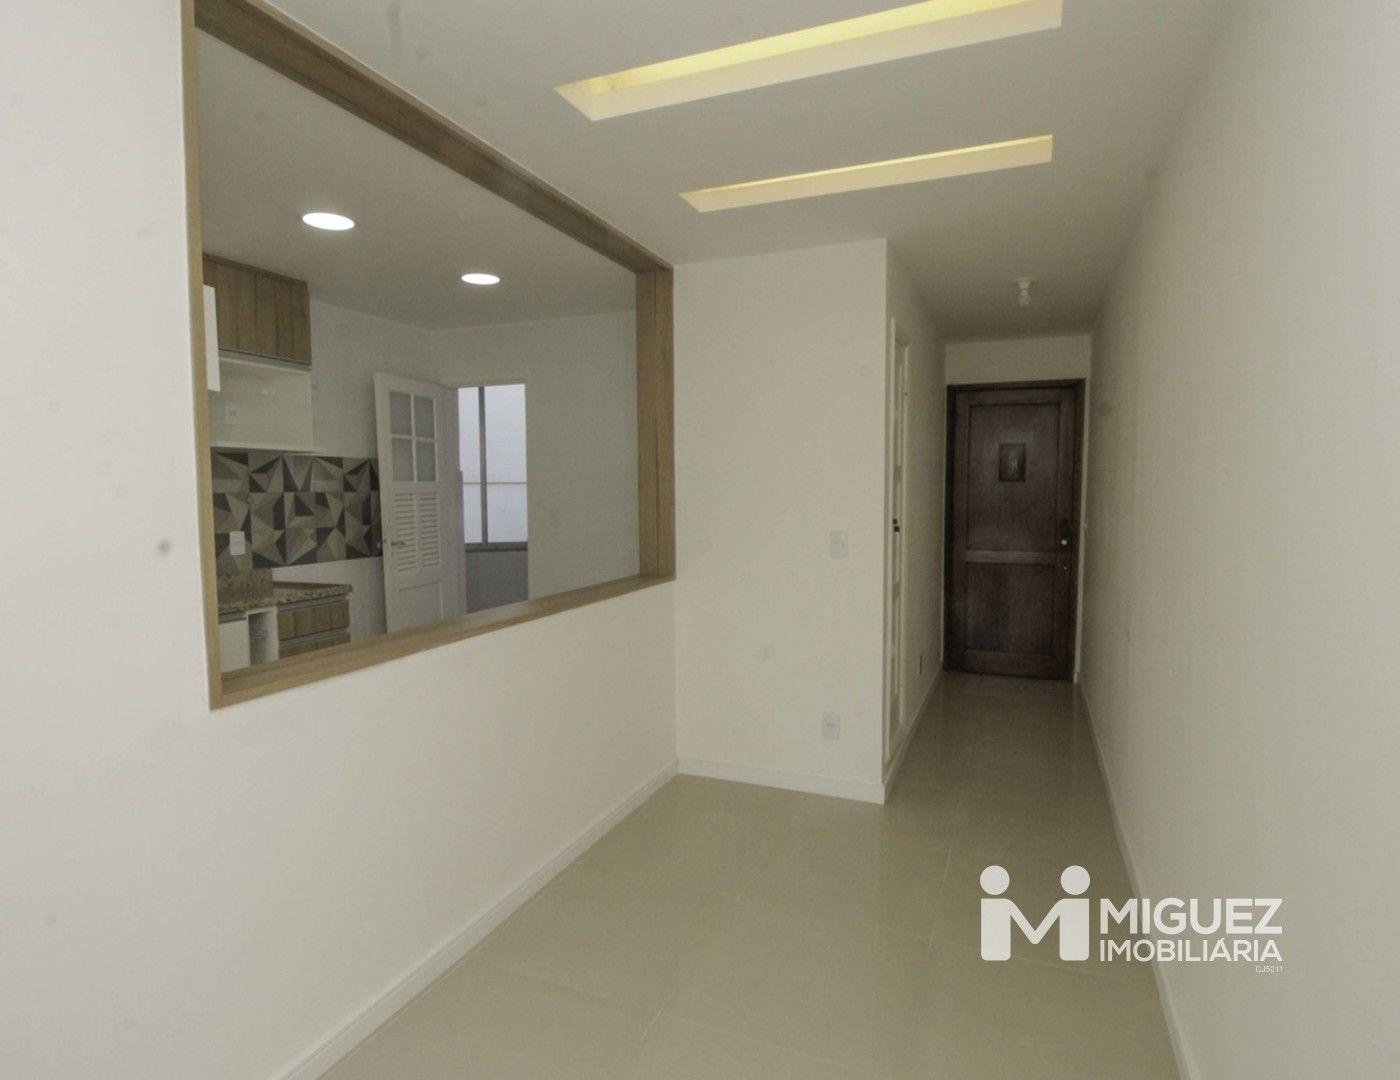 Apartamento, venda, Rua Barão de Mesquita - Tijuca , Rio de janeiro